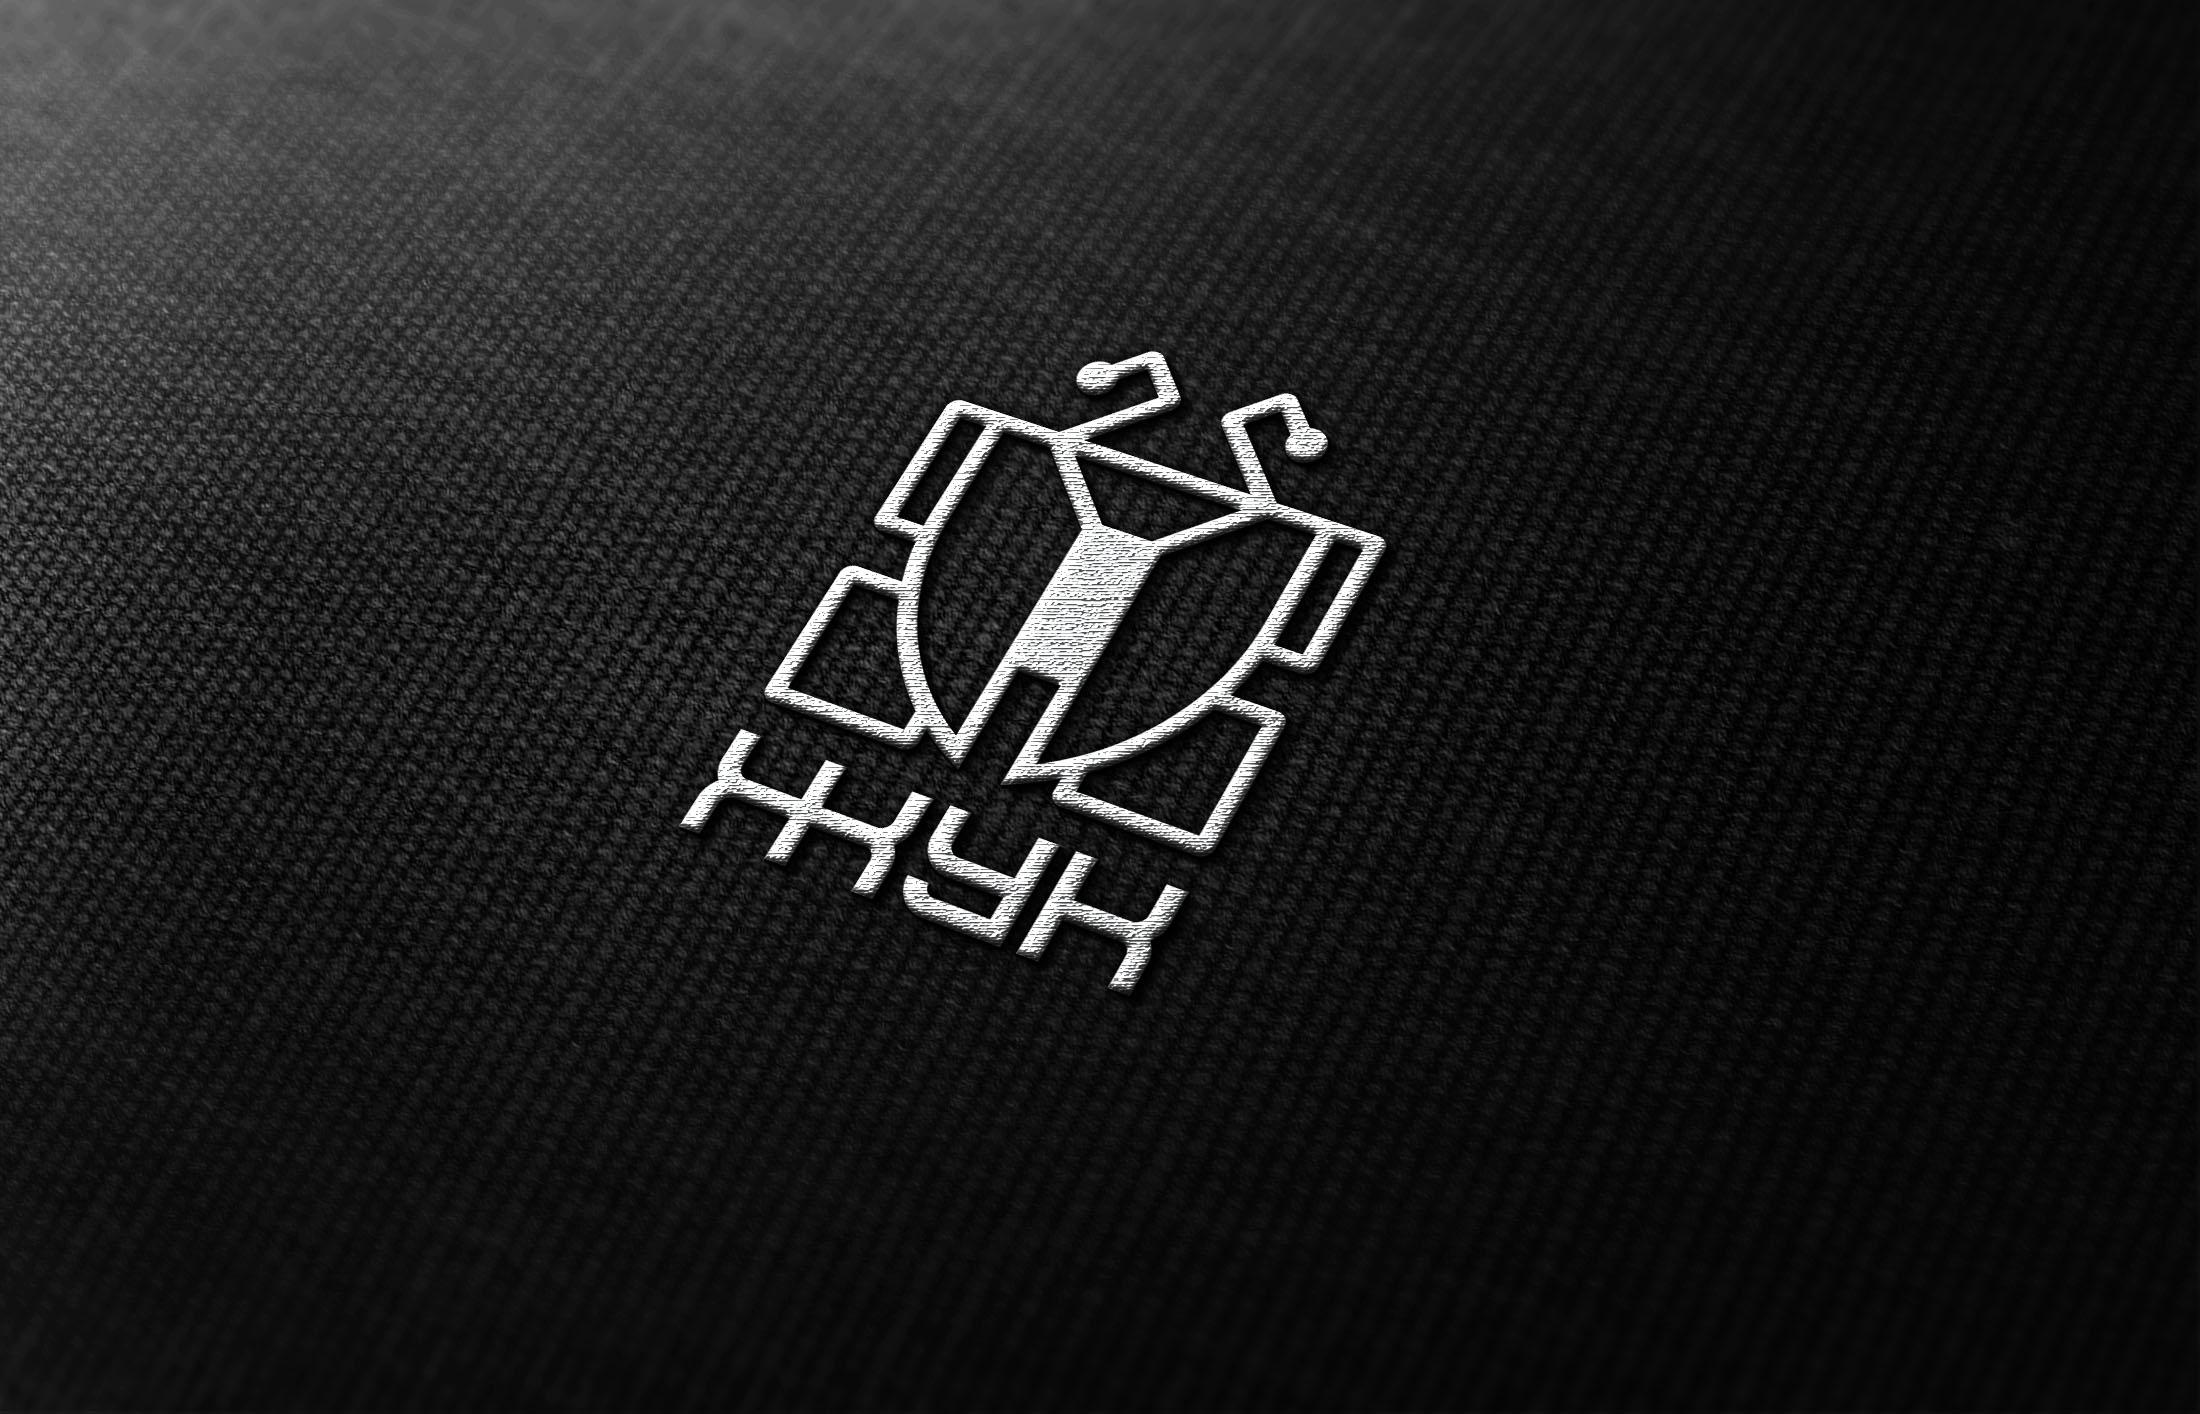 Нужен логотип (эмблема) для самодельного квадроцикла фото f_5045b02fa3245237.jpg